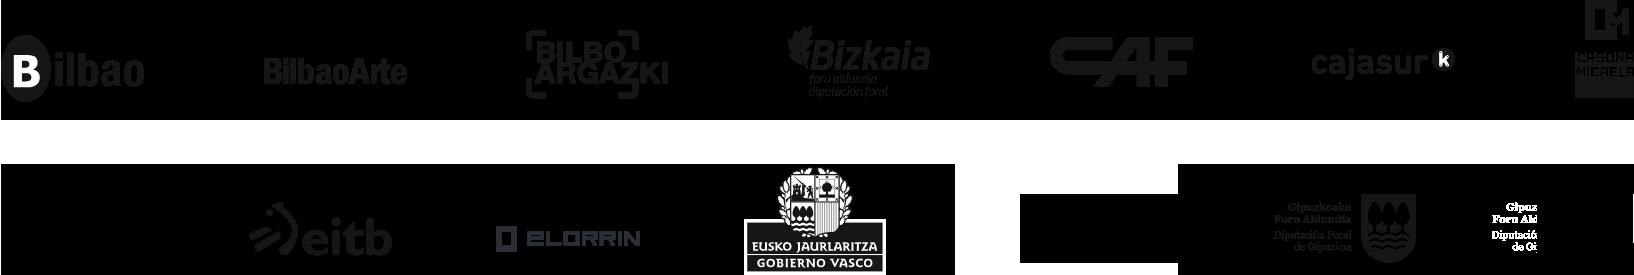 Varios Logos Bilbao Bilbao Arte Bilbo argazki Bizkaia CAF Cajasur Dircom Eitb Elorrin Eusko Jaurlaritza Gobierno Vasco Getxo Udala TR